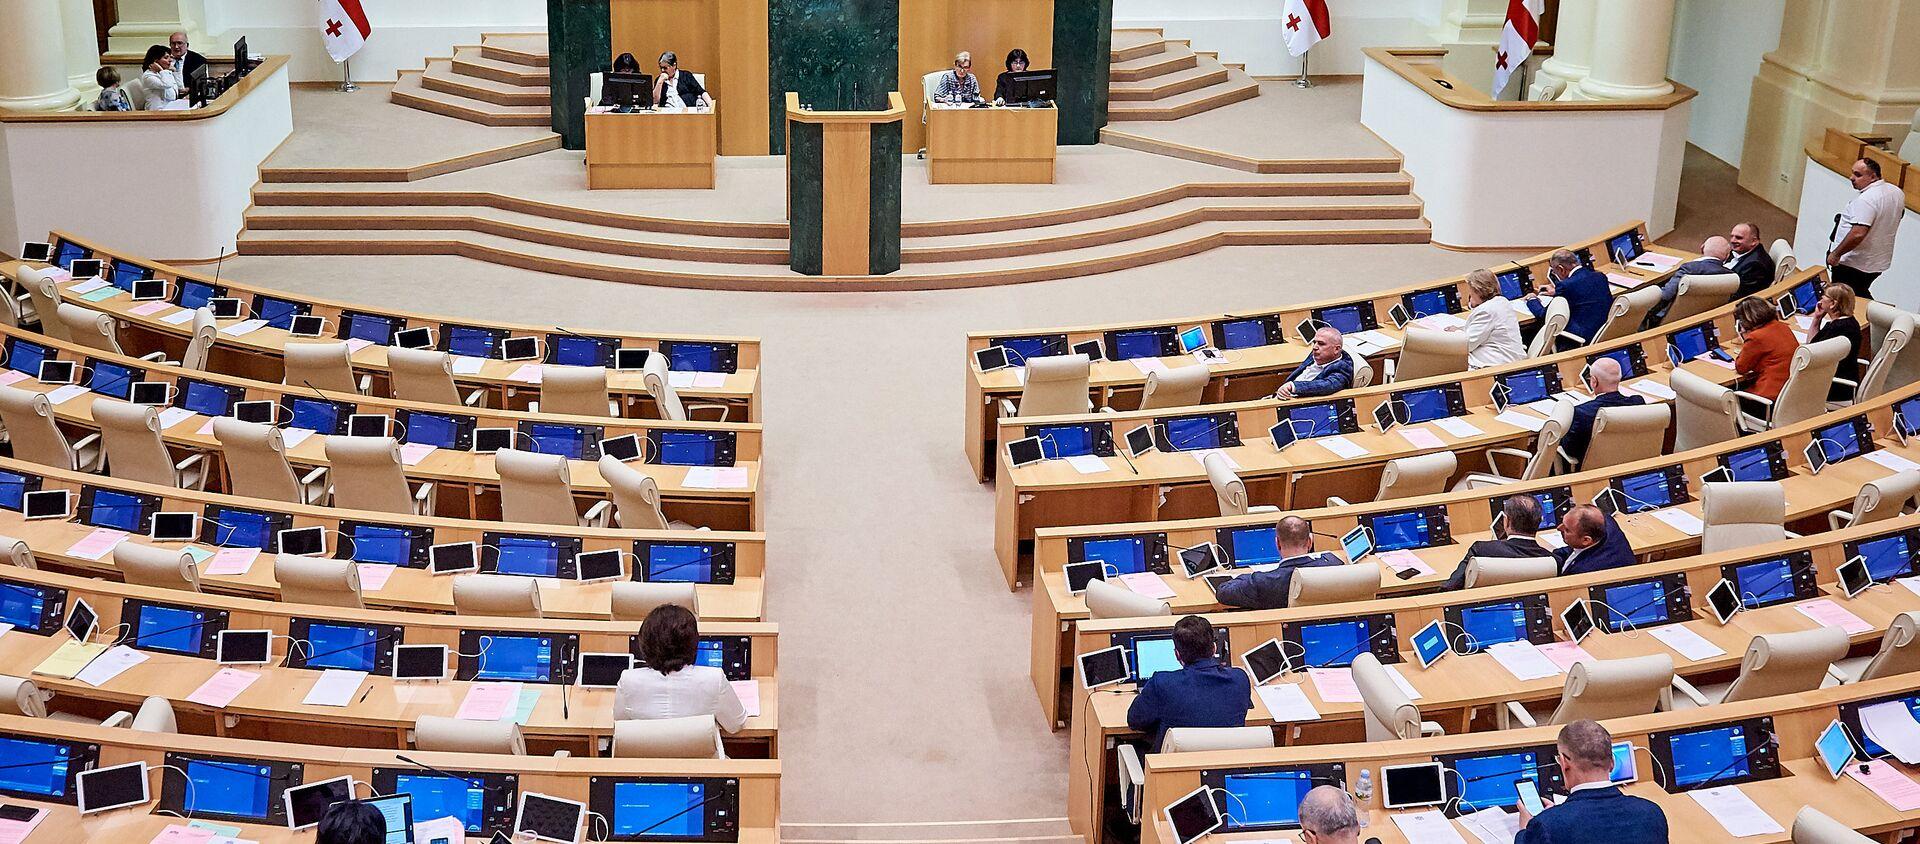 Заседание парламента Грузии. Депутаты - Sputnik Грузия, 1920, 28.01.2021